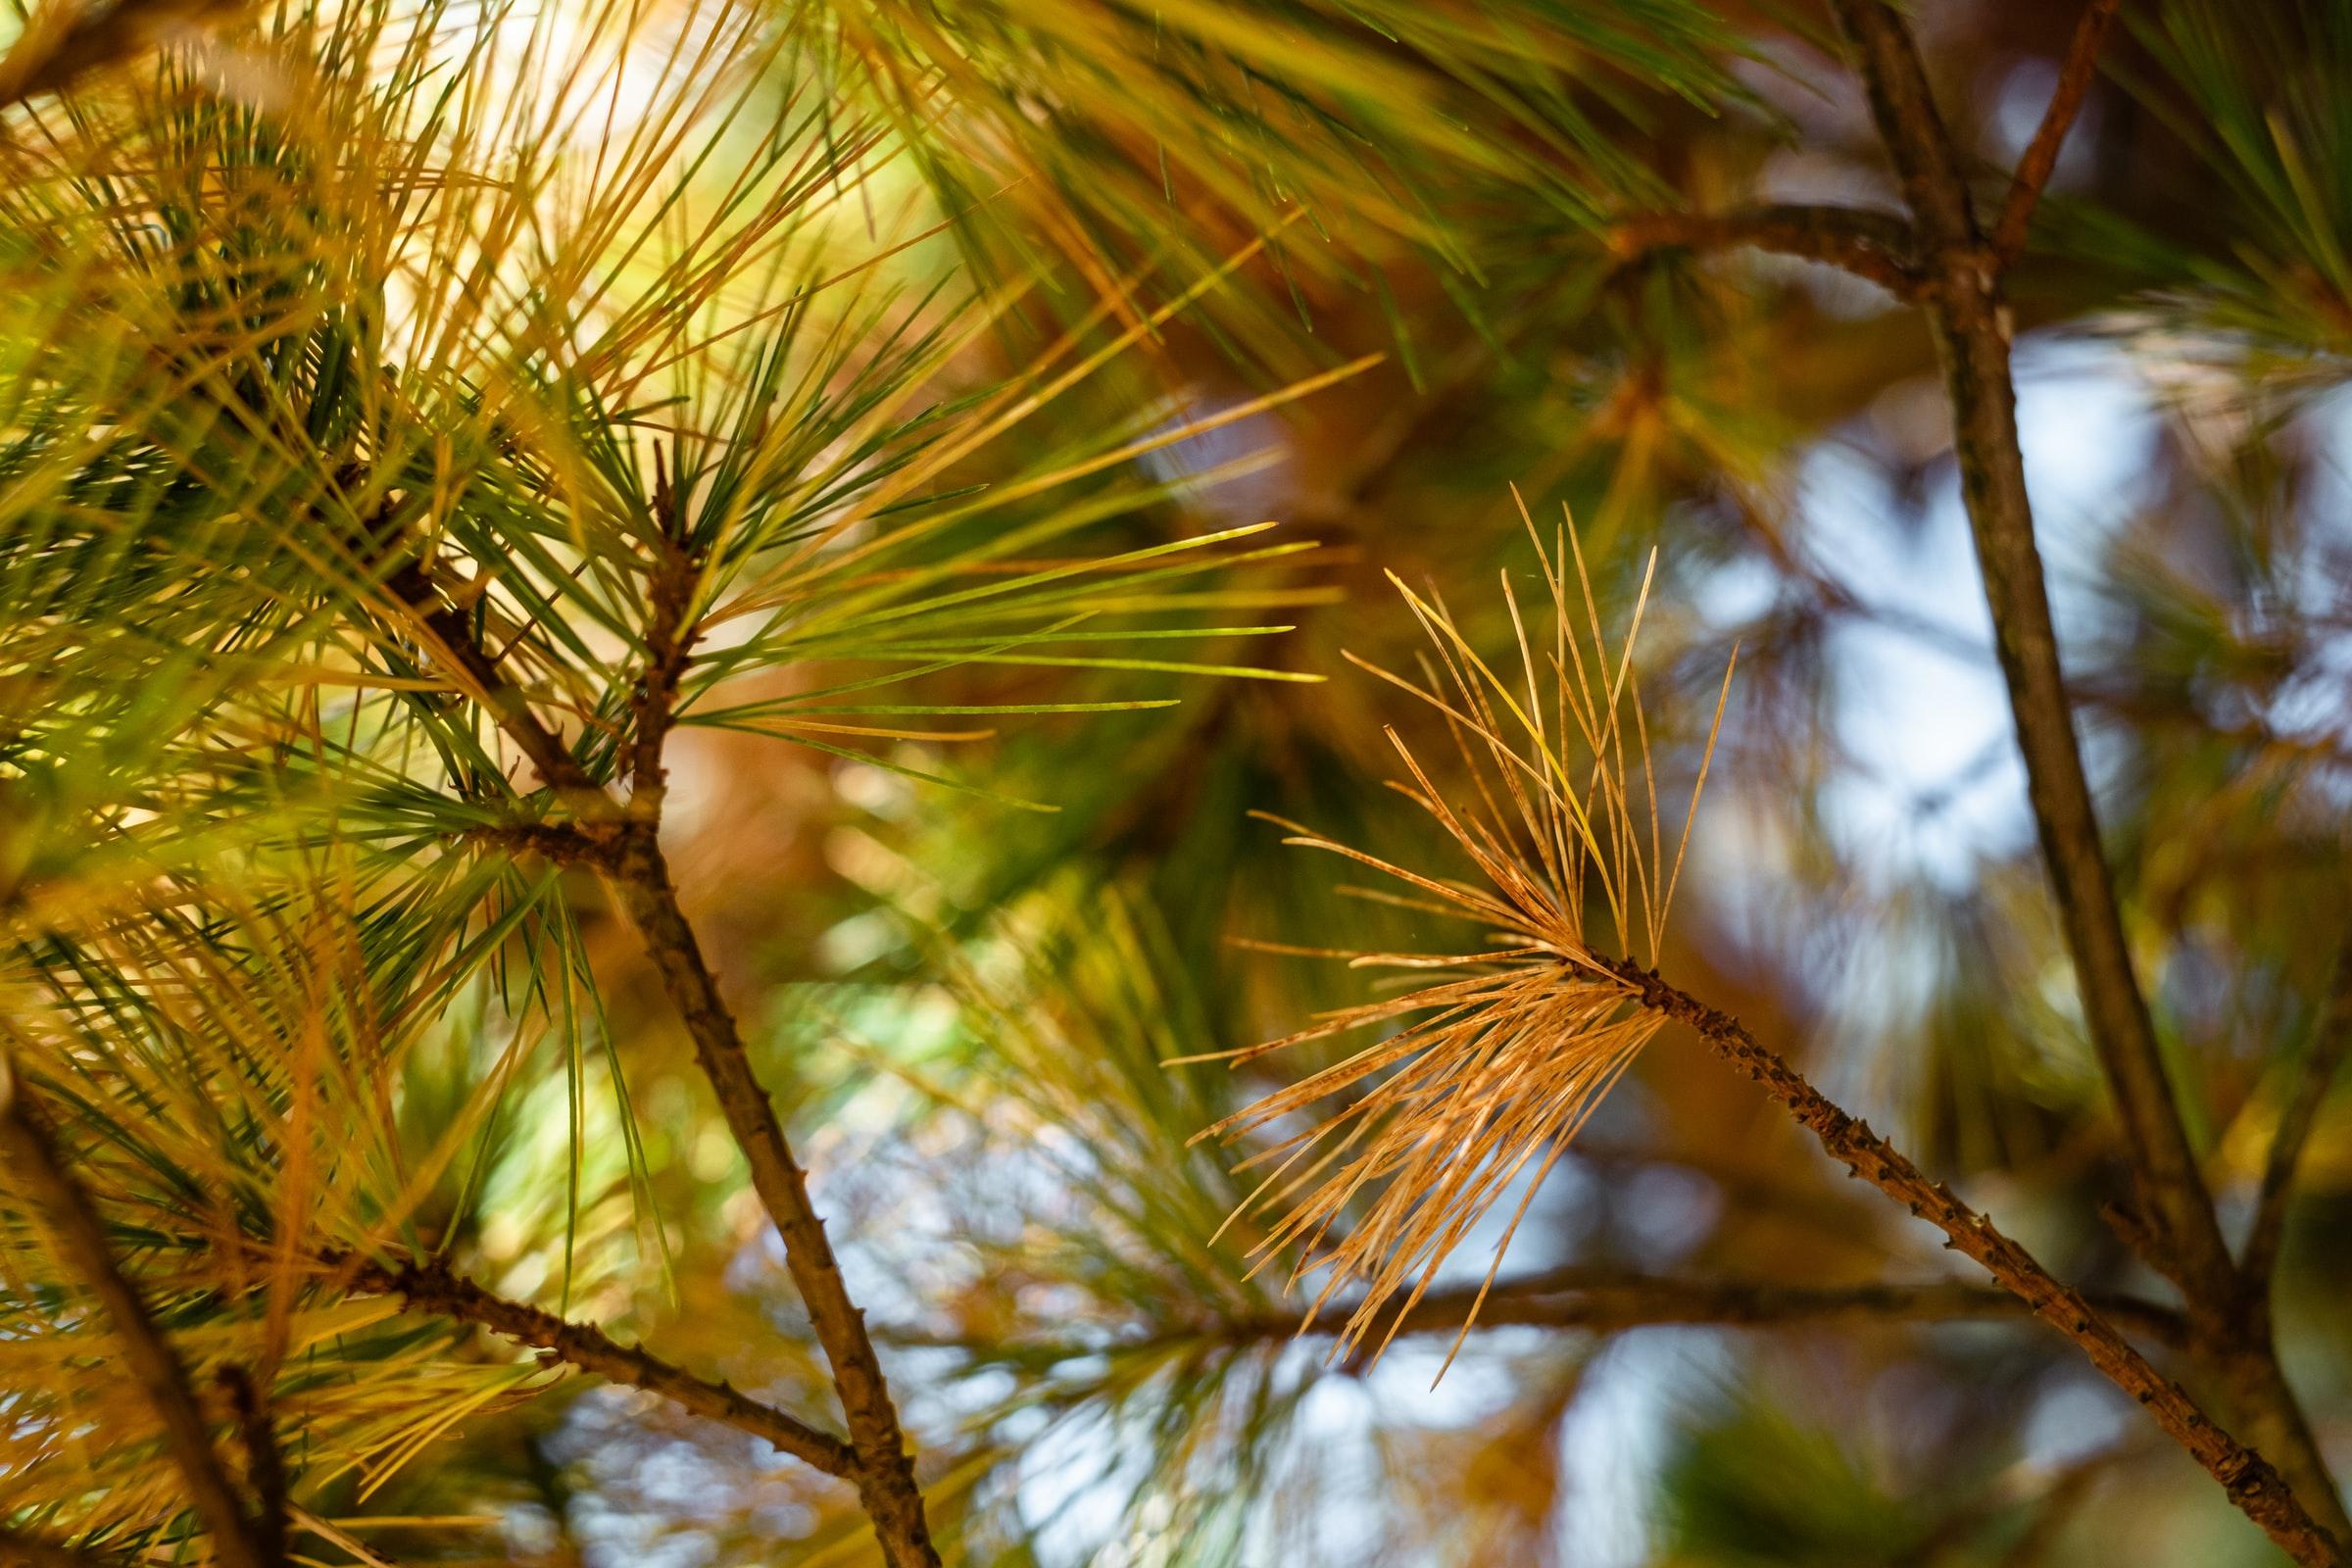 L'utilisation des aiguilles de pin, permettrait-elle l'implantation d'une nouvelle filière?